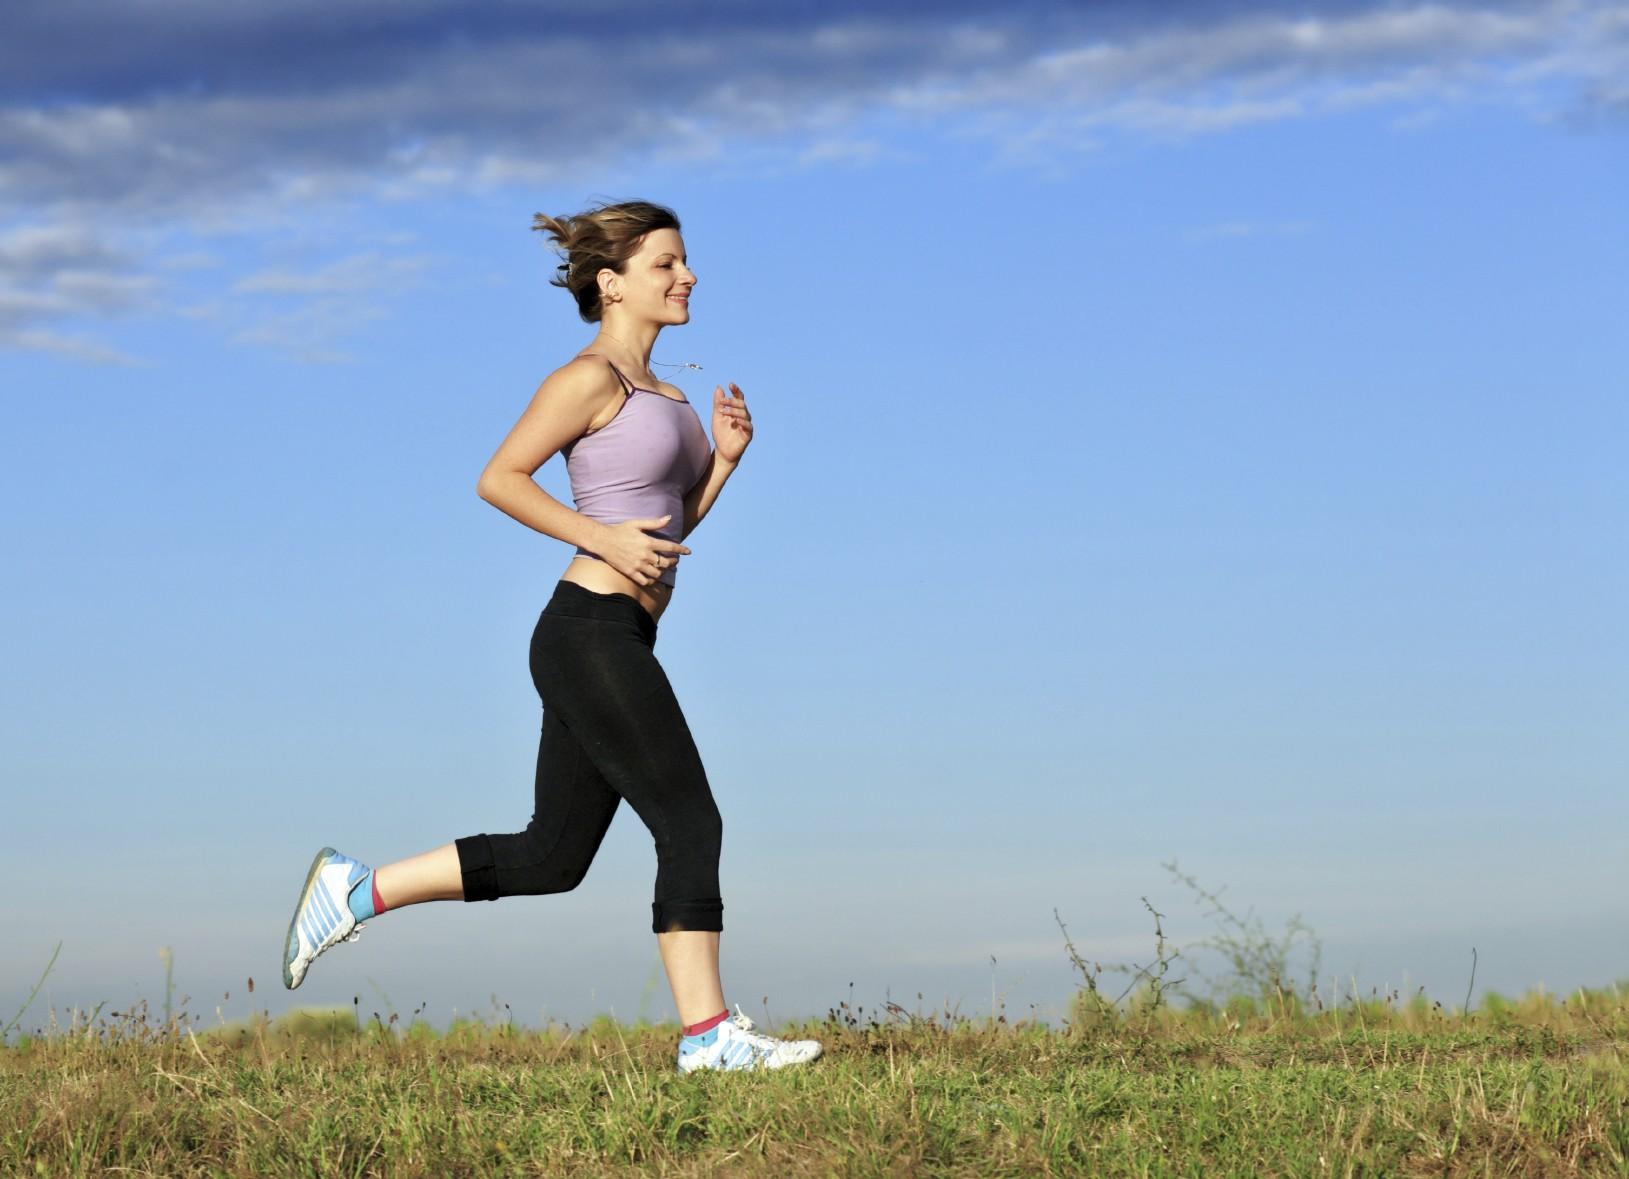 metabolikus szindróma magas vérnyomás ehet grapefruitot magas vérnyomásban